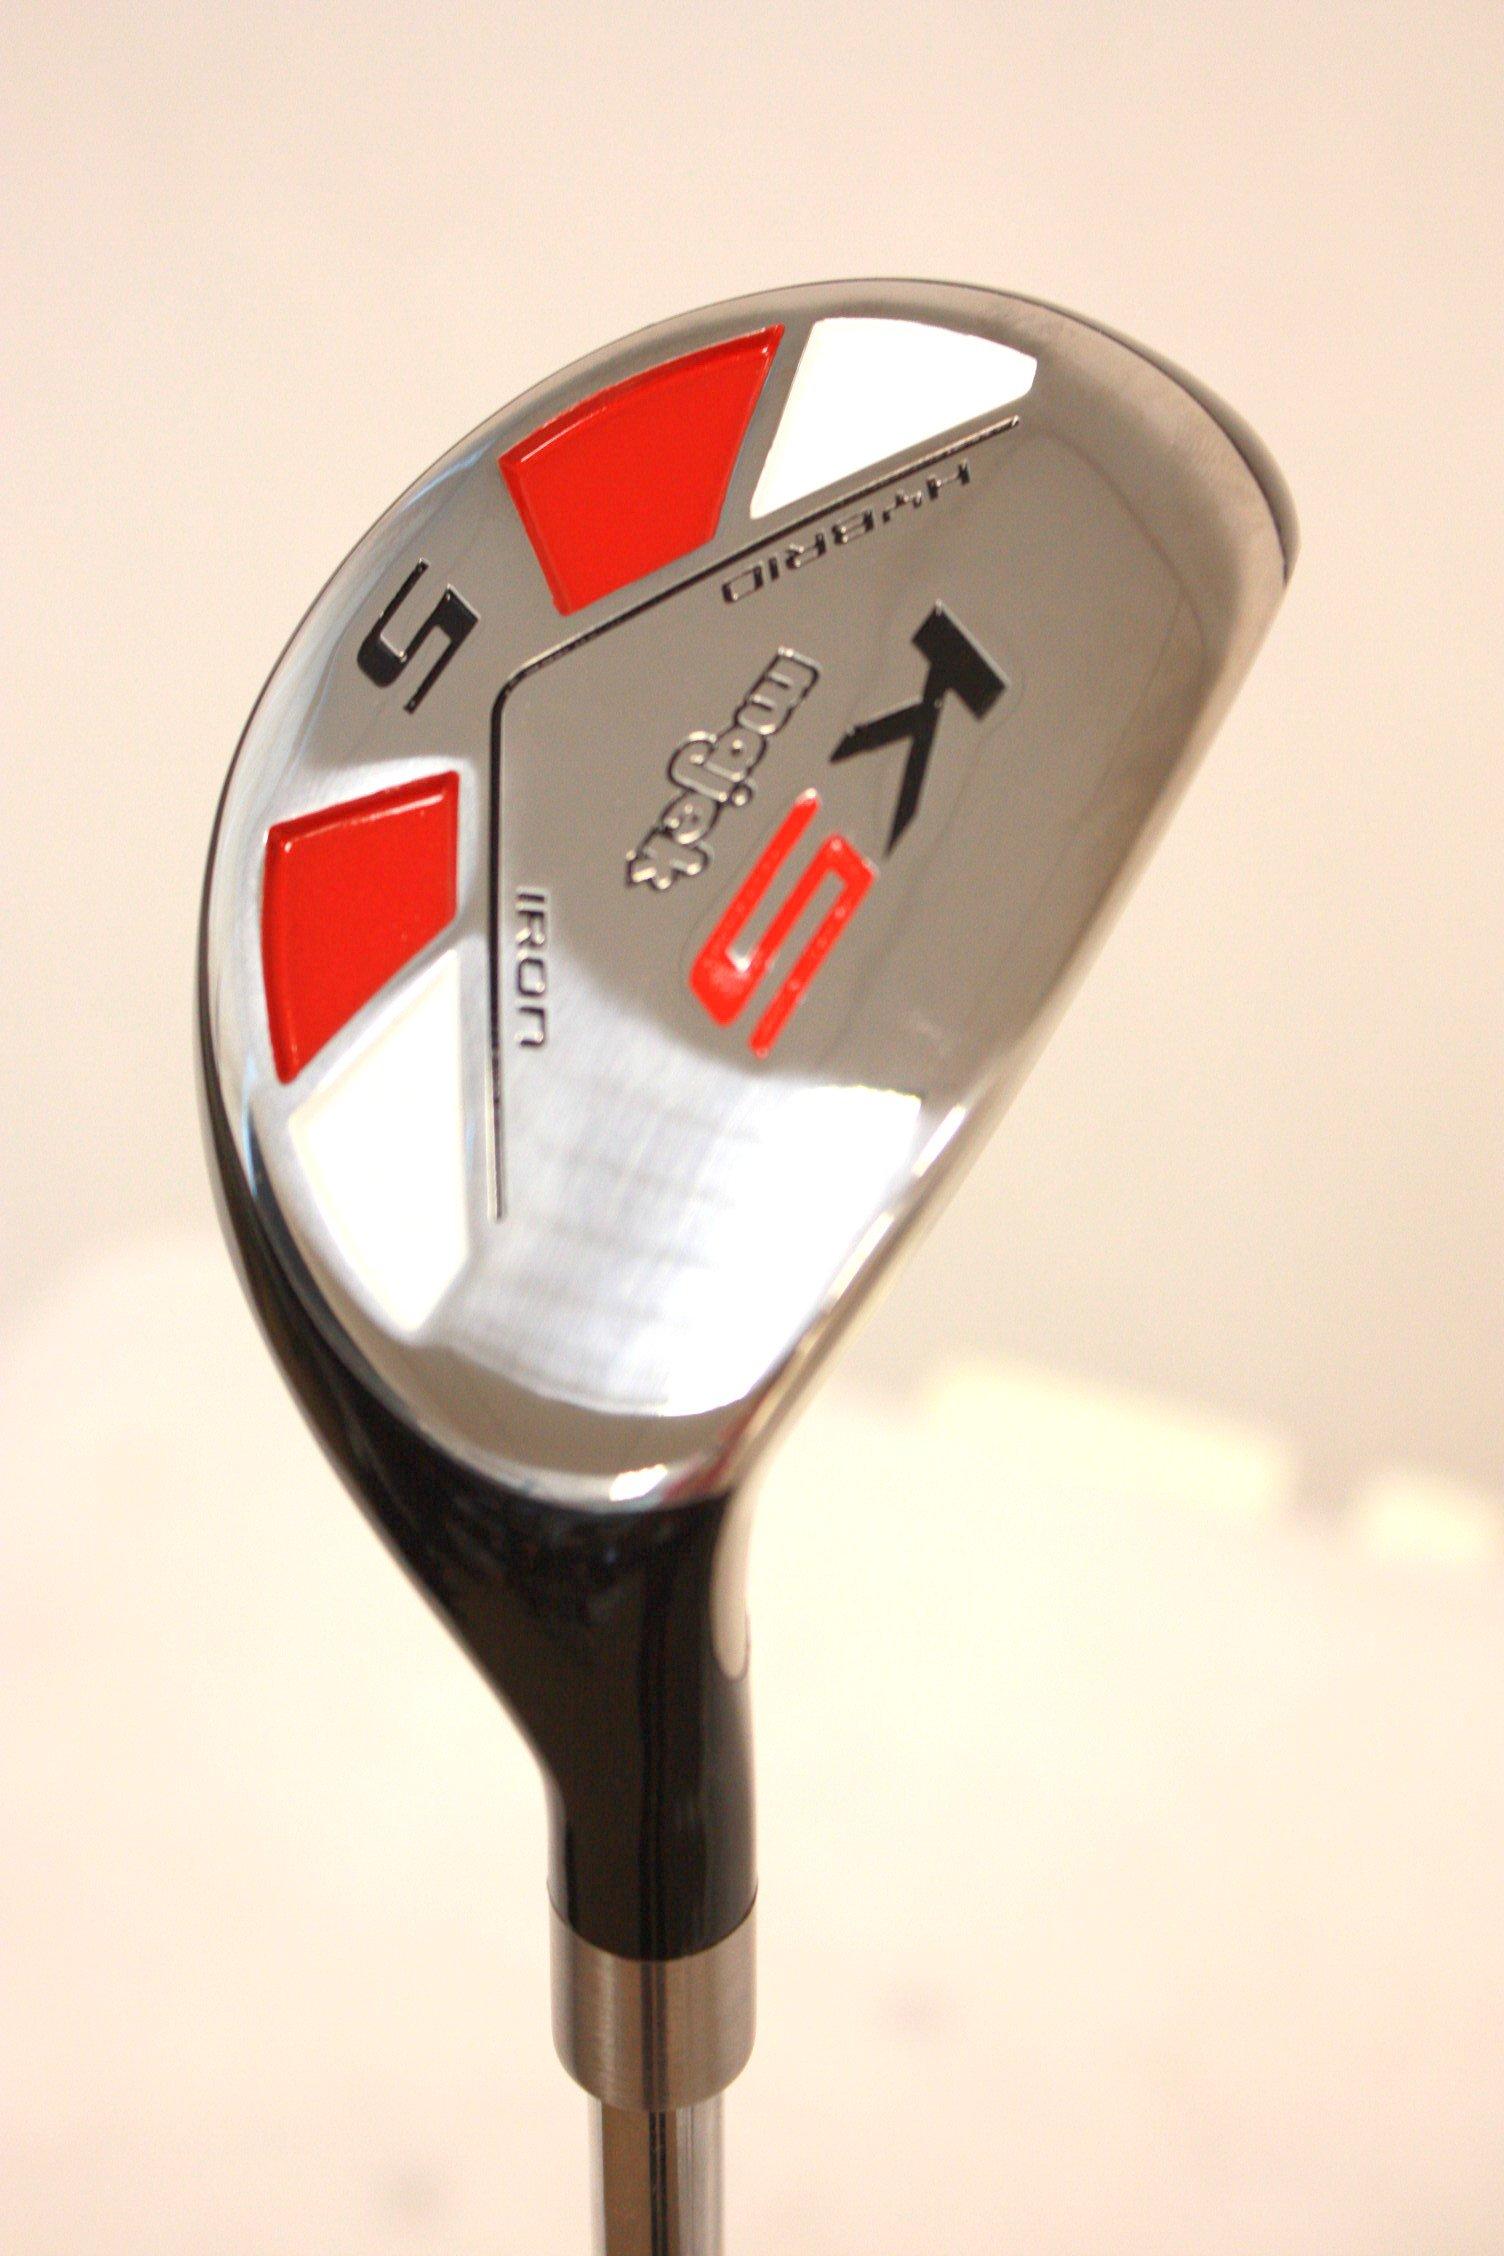 Majek Golf +1 Inch Big & Tall XL Extra Long All Hybrid #5 Stiff Flex Right Handed New Rescue Utility S Flex Club